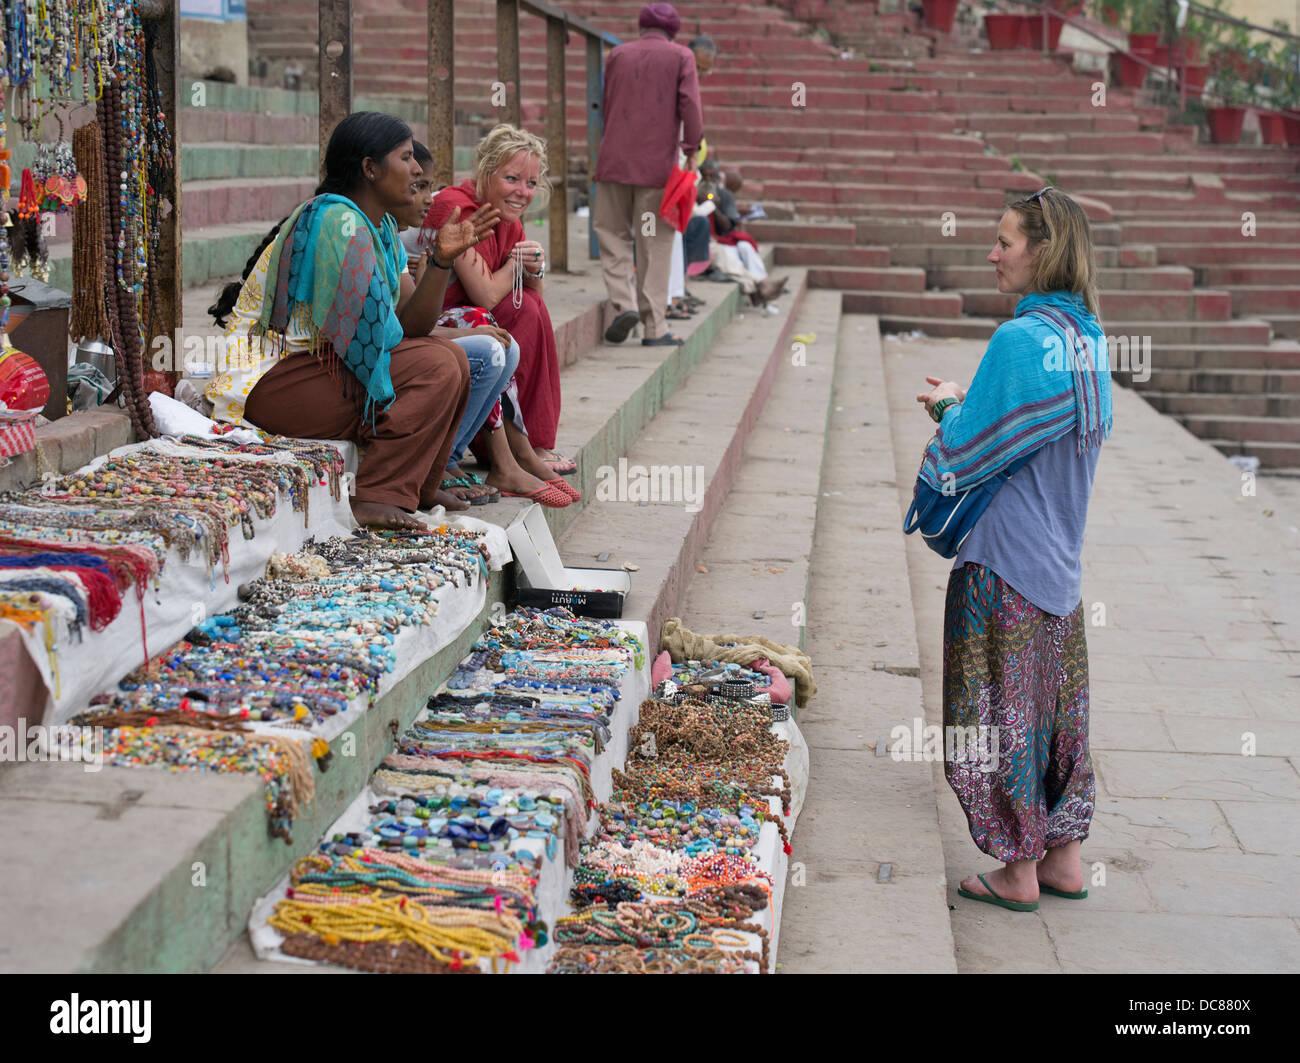 Comprar souvenirs en los bancos del río Ganges - Varanasi, India Imagen De Stock